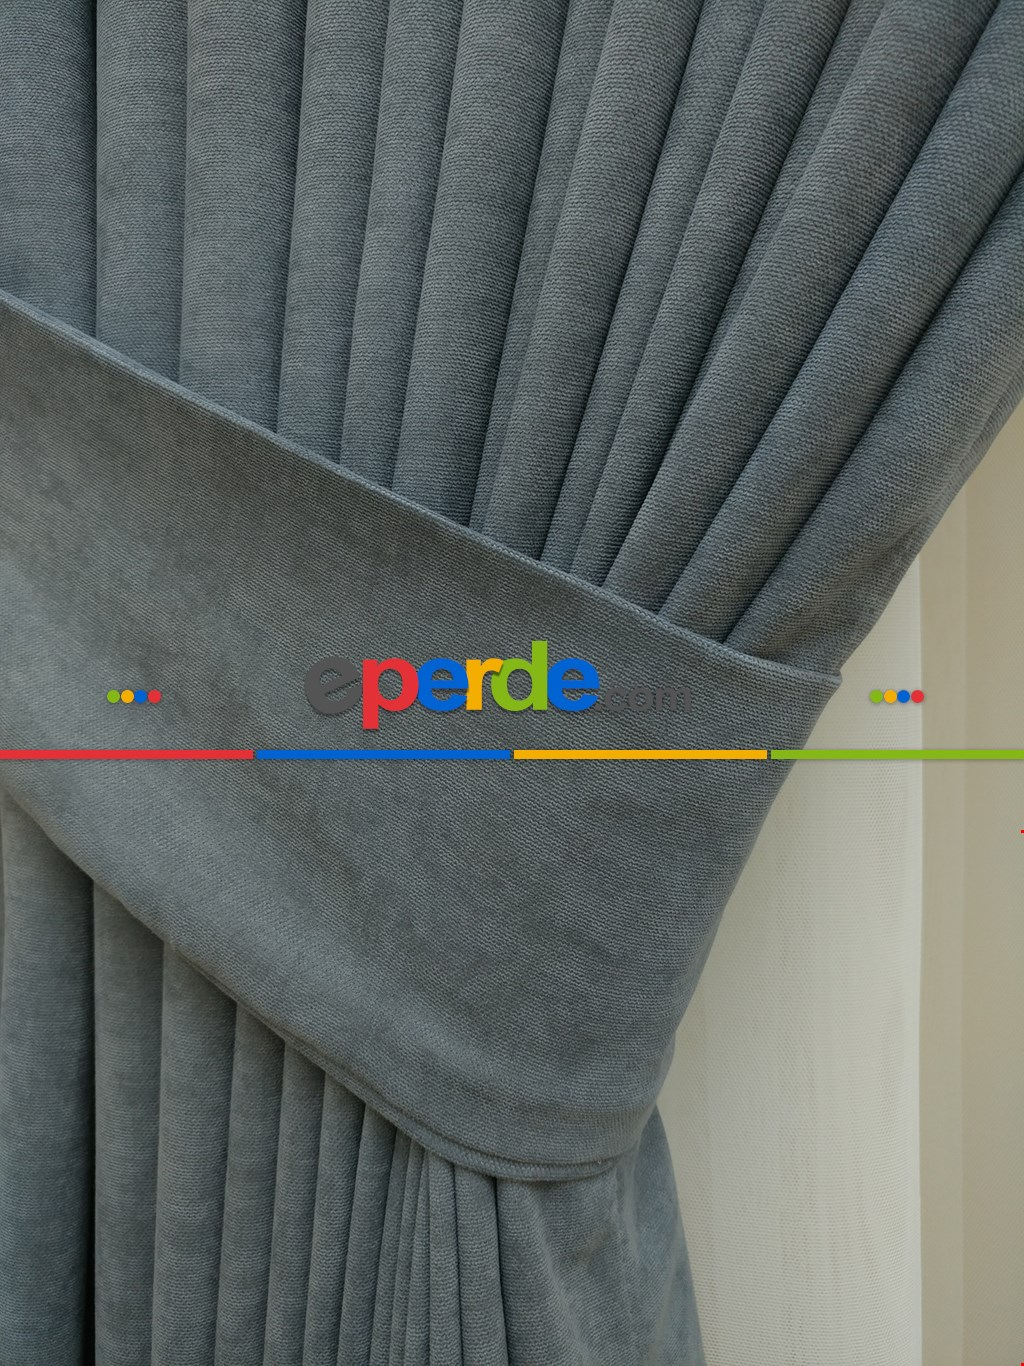 Salon Gri Düz Sade Fon Perde ( En 150cm Dökümlü Fon )- Gri-Füme-Antrasit